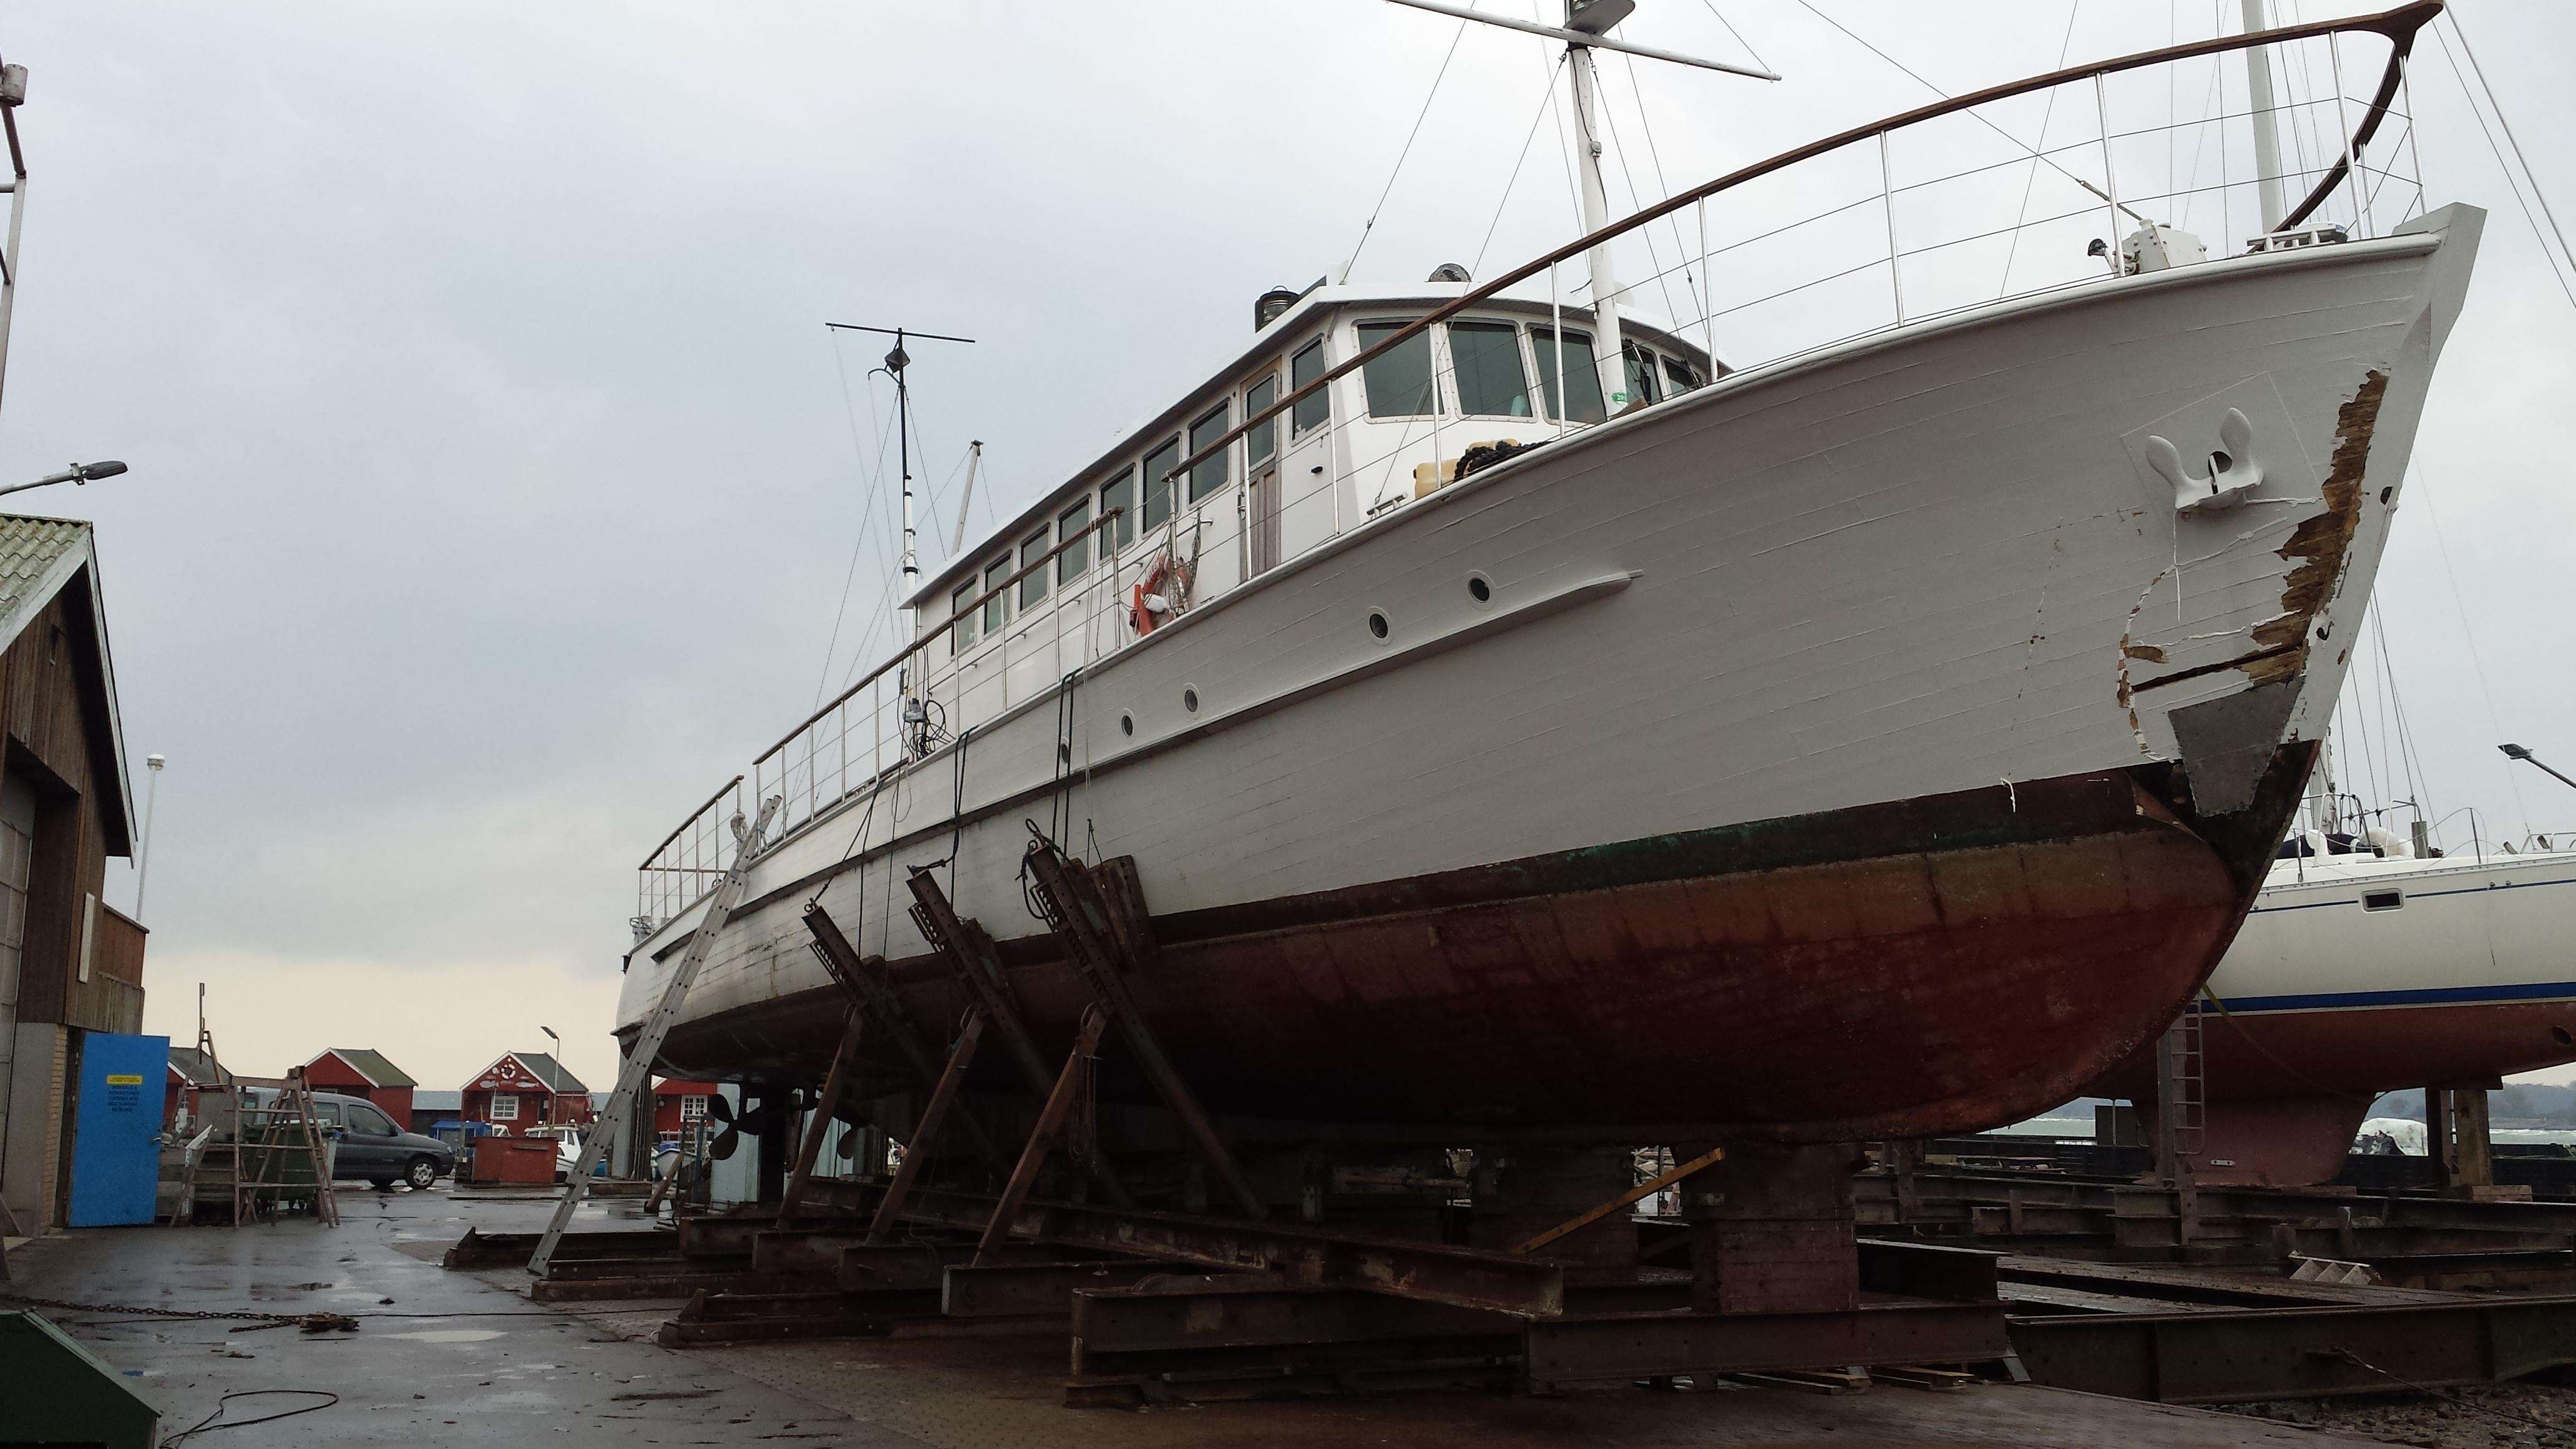 Bedding i Rødvig, 25 meter lang træbåd på bedding, så holder den inde på plads